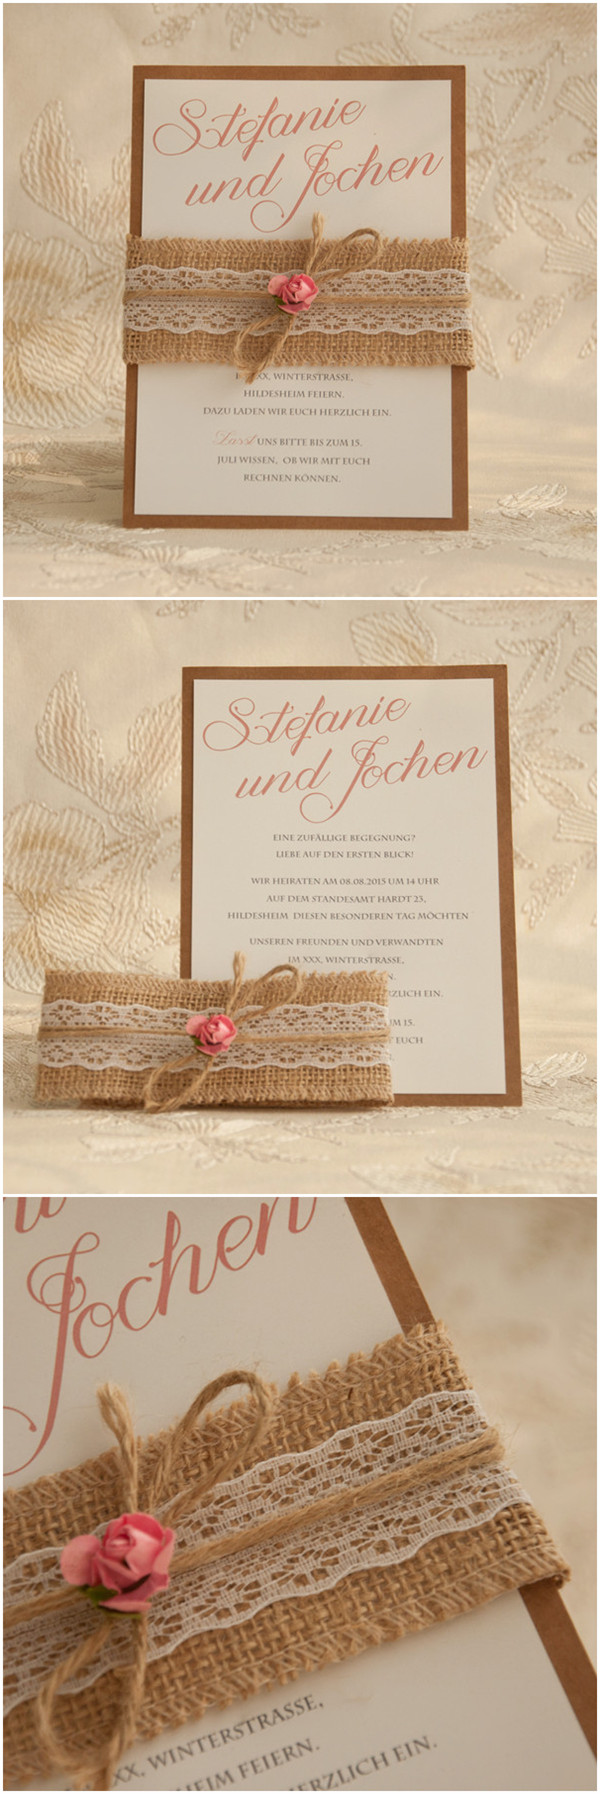 Romantische Boho Hochzeit Einladungskarte Mit Rose Und Jute Band